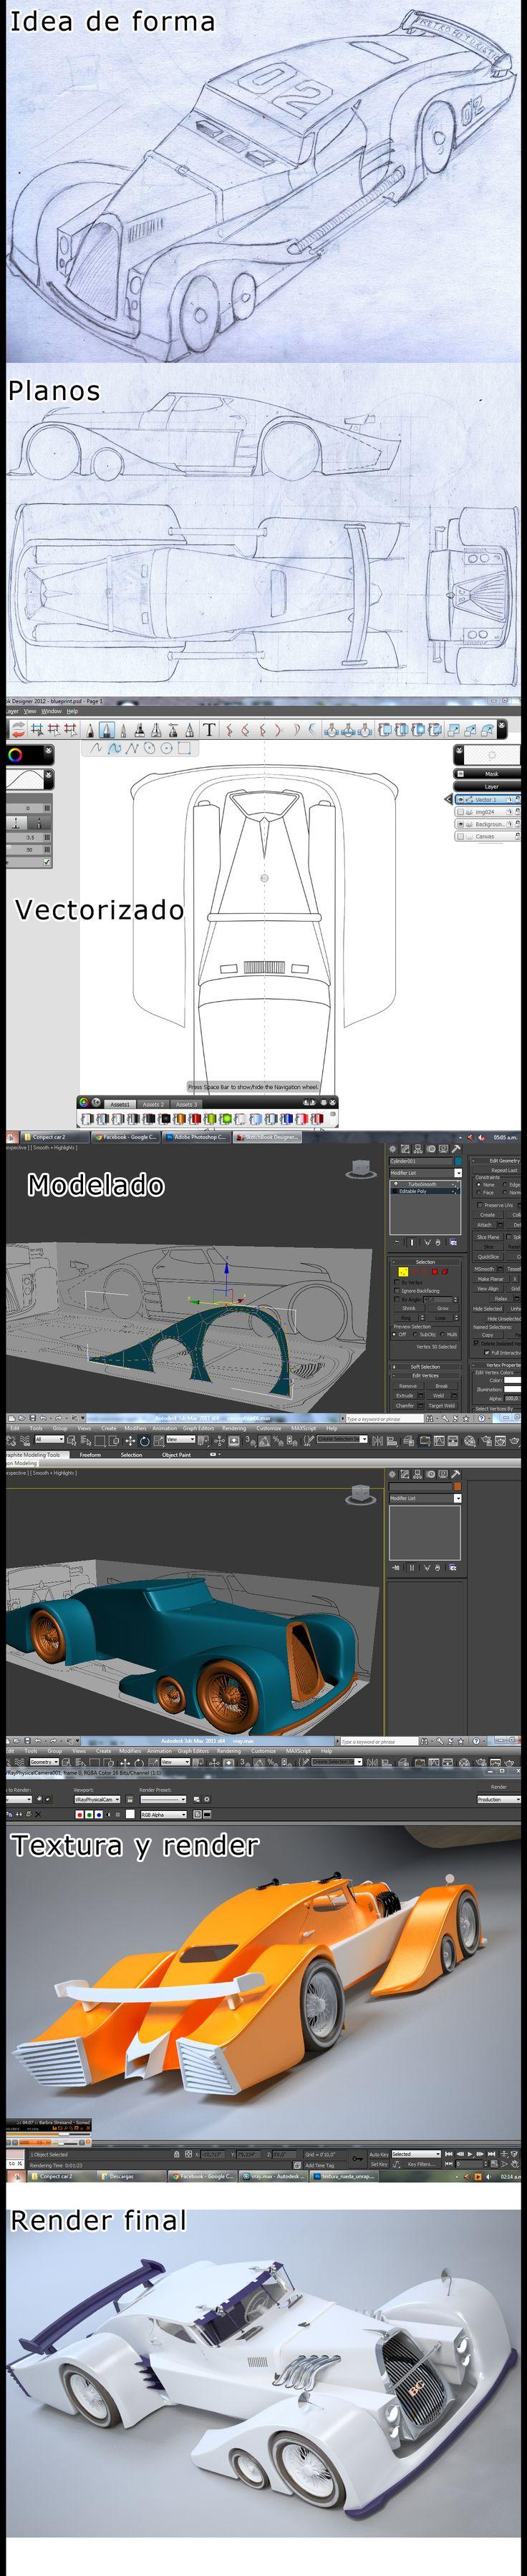 3ds max 2010 v ray 2 40 03 file formats fbx obj dog beds - 3ds Max 2010 V Ray 2 40 03 File Formats Fbx Obj Dog Beds 40